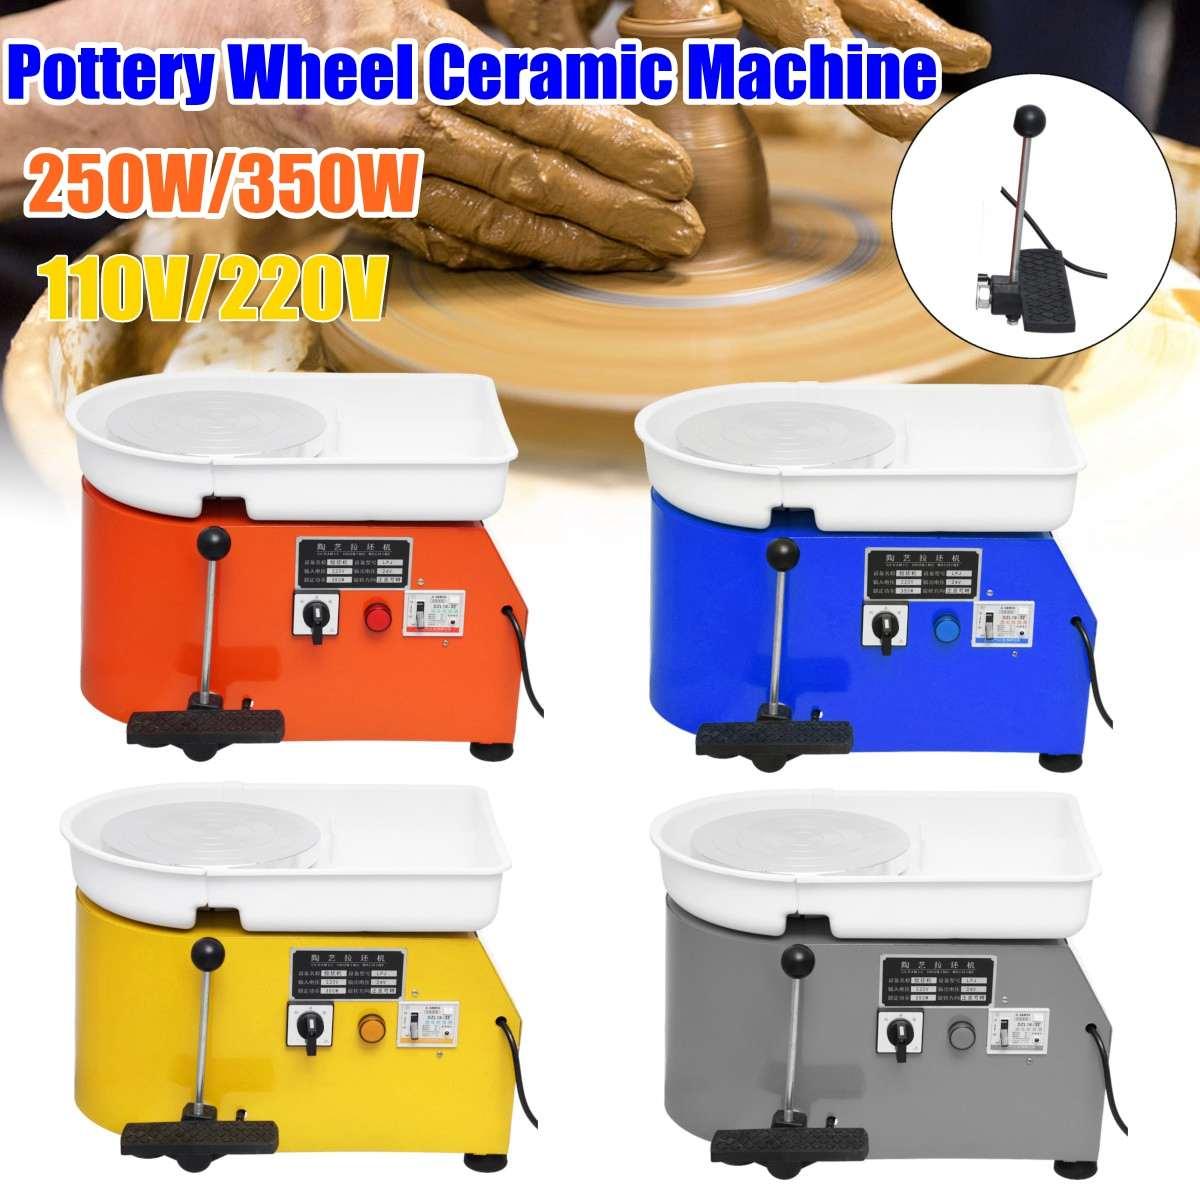 Poterie formant la Machine 110 V 550 W poterie électrique roue argile pour travaux pratiques outil avec plateau Flexible main pied pédale pour travaux en céramique